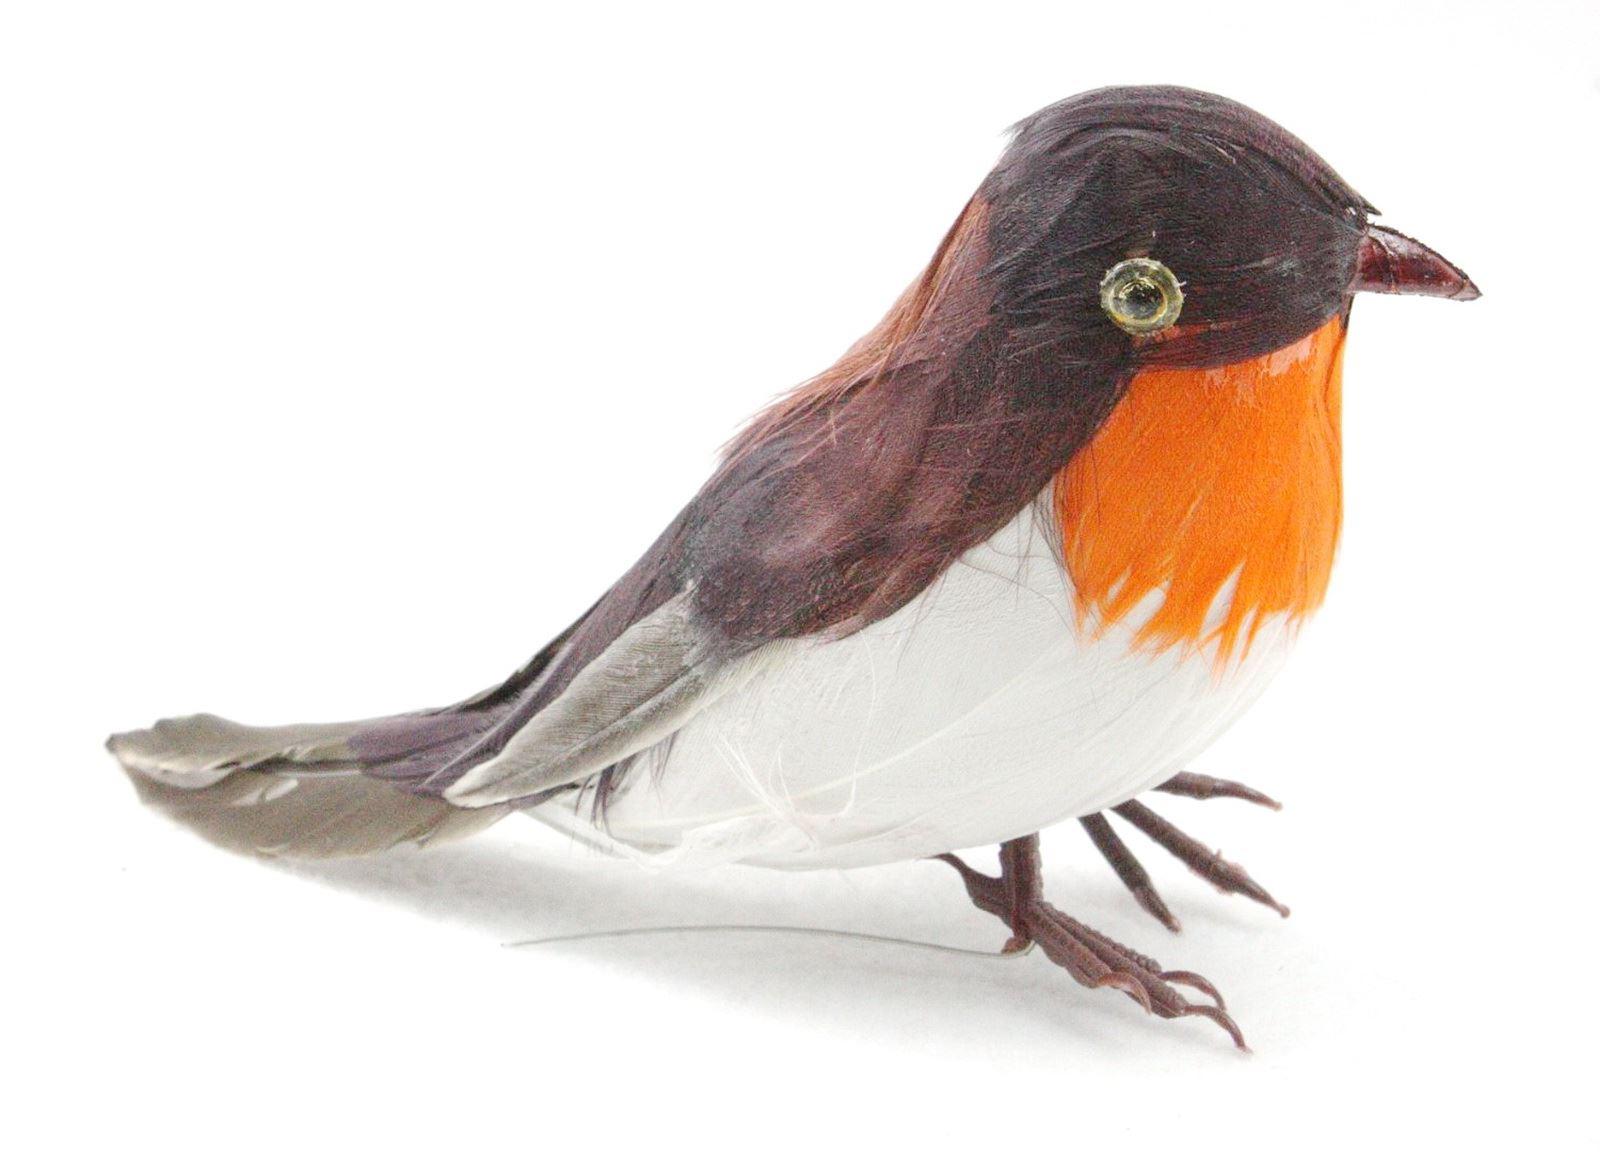 Artificial xmas feather birds robin tree decorations for Artificial birds for decoration